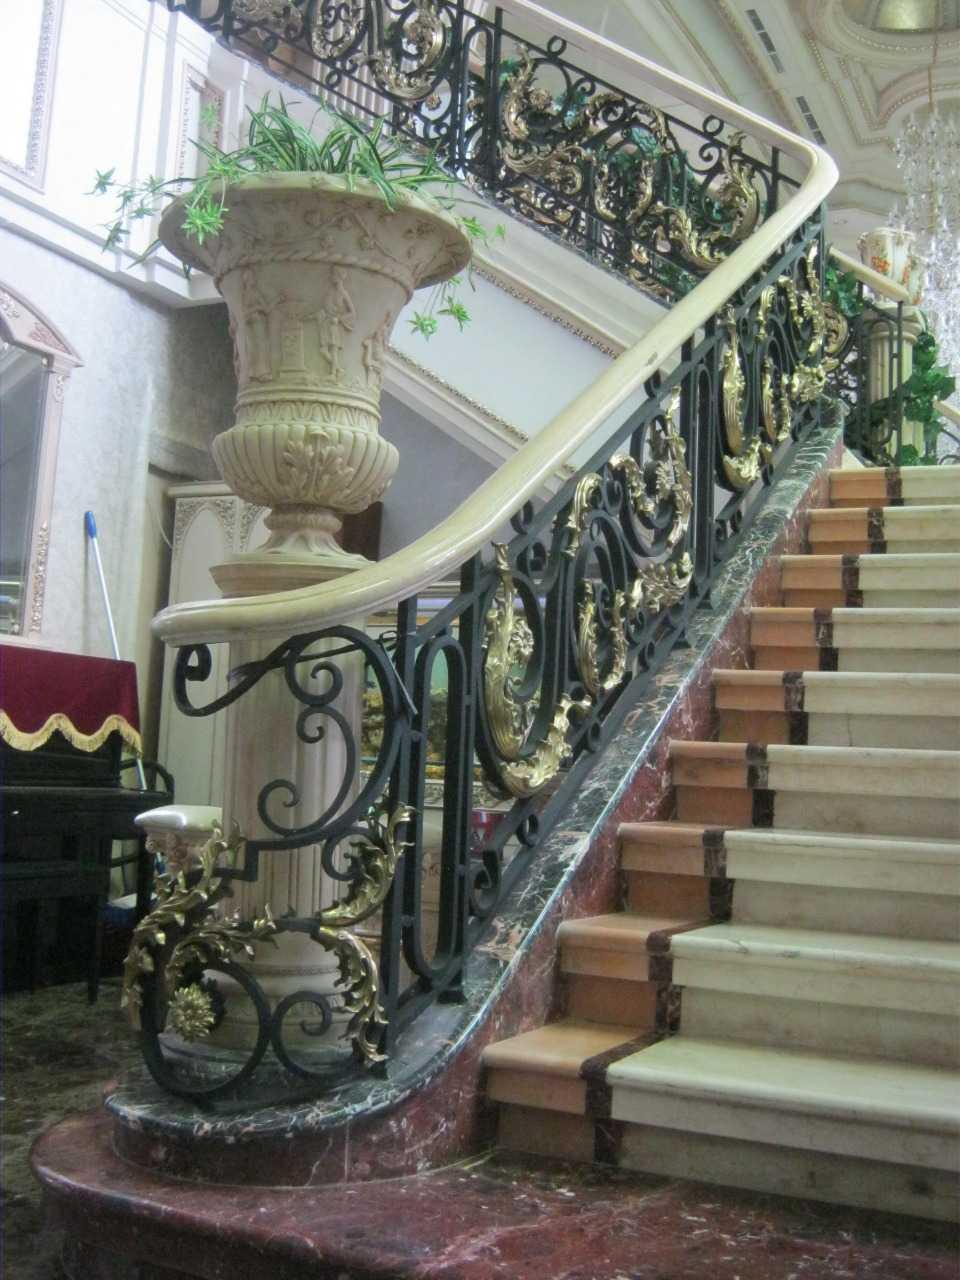 Foto inspirasi ide desain tangga klasik Archco-sm-residance- oleh ARCH.co di Arsitag